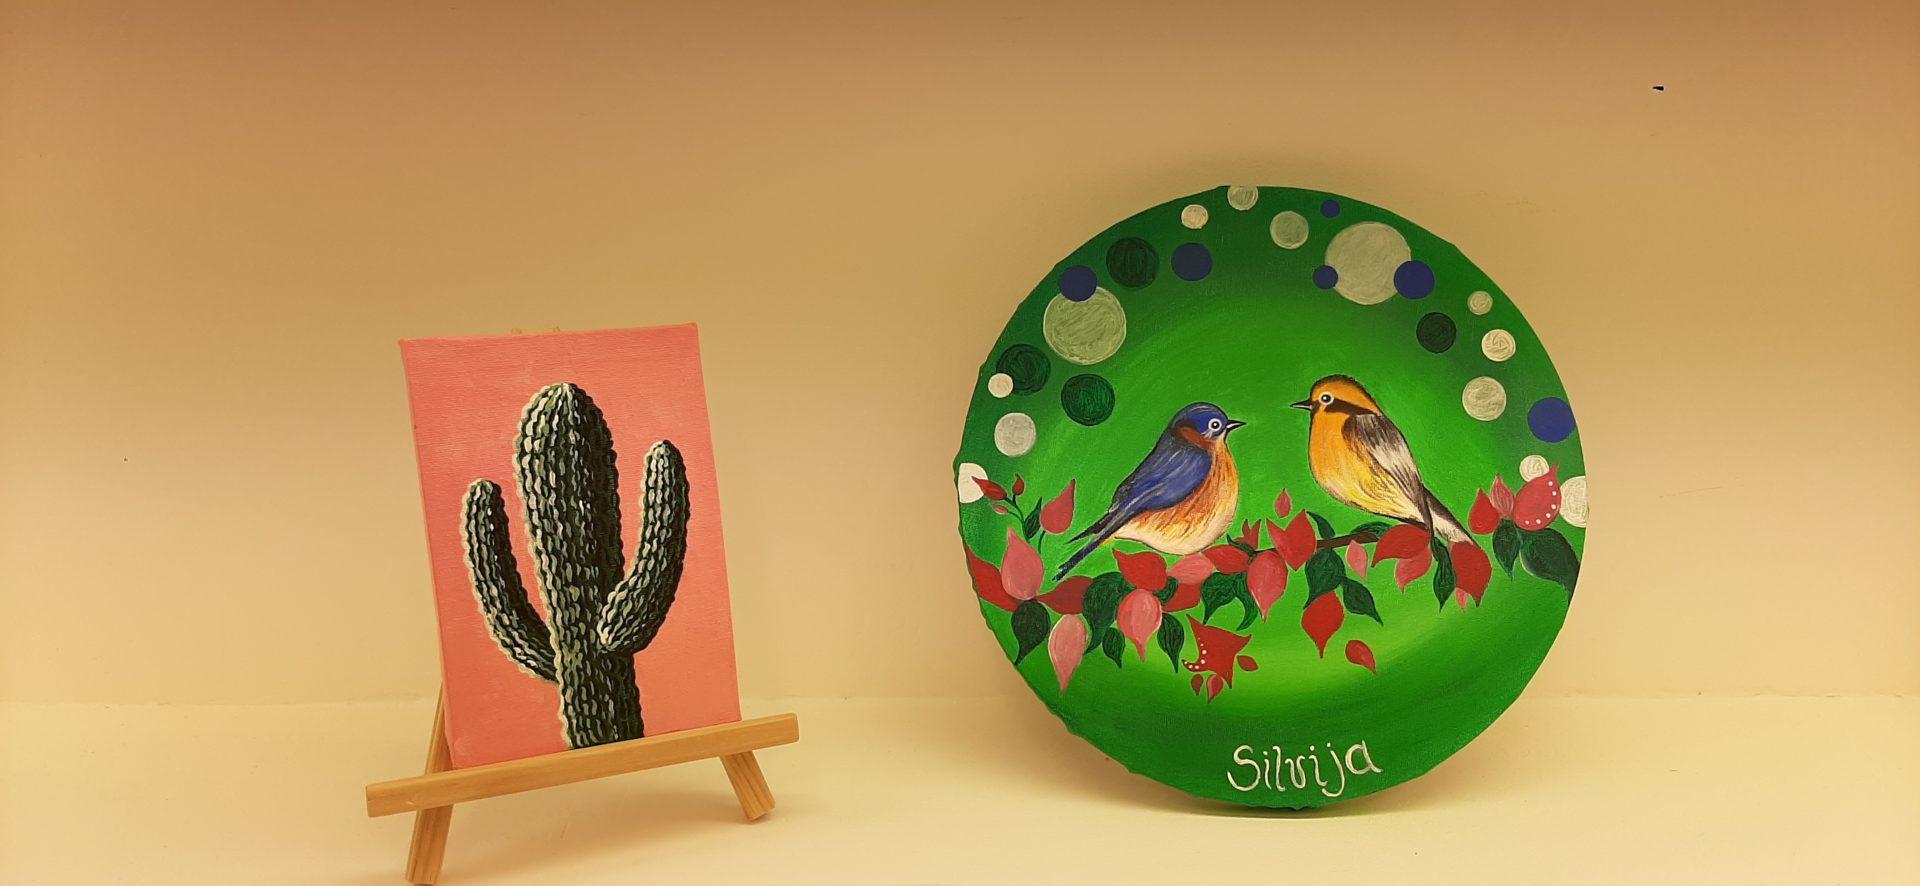 20210920 132057 - Razstava slikarskih del Silvije Strle